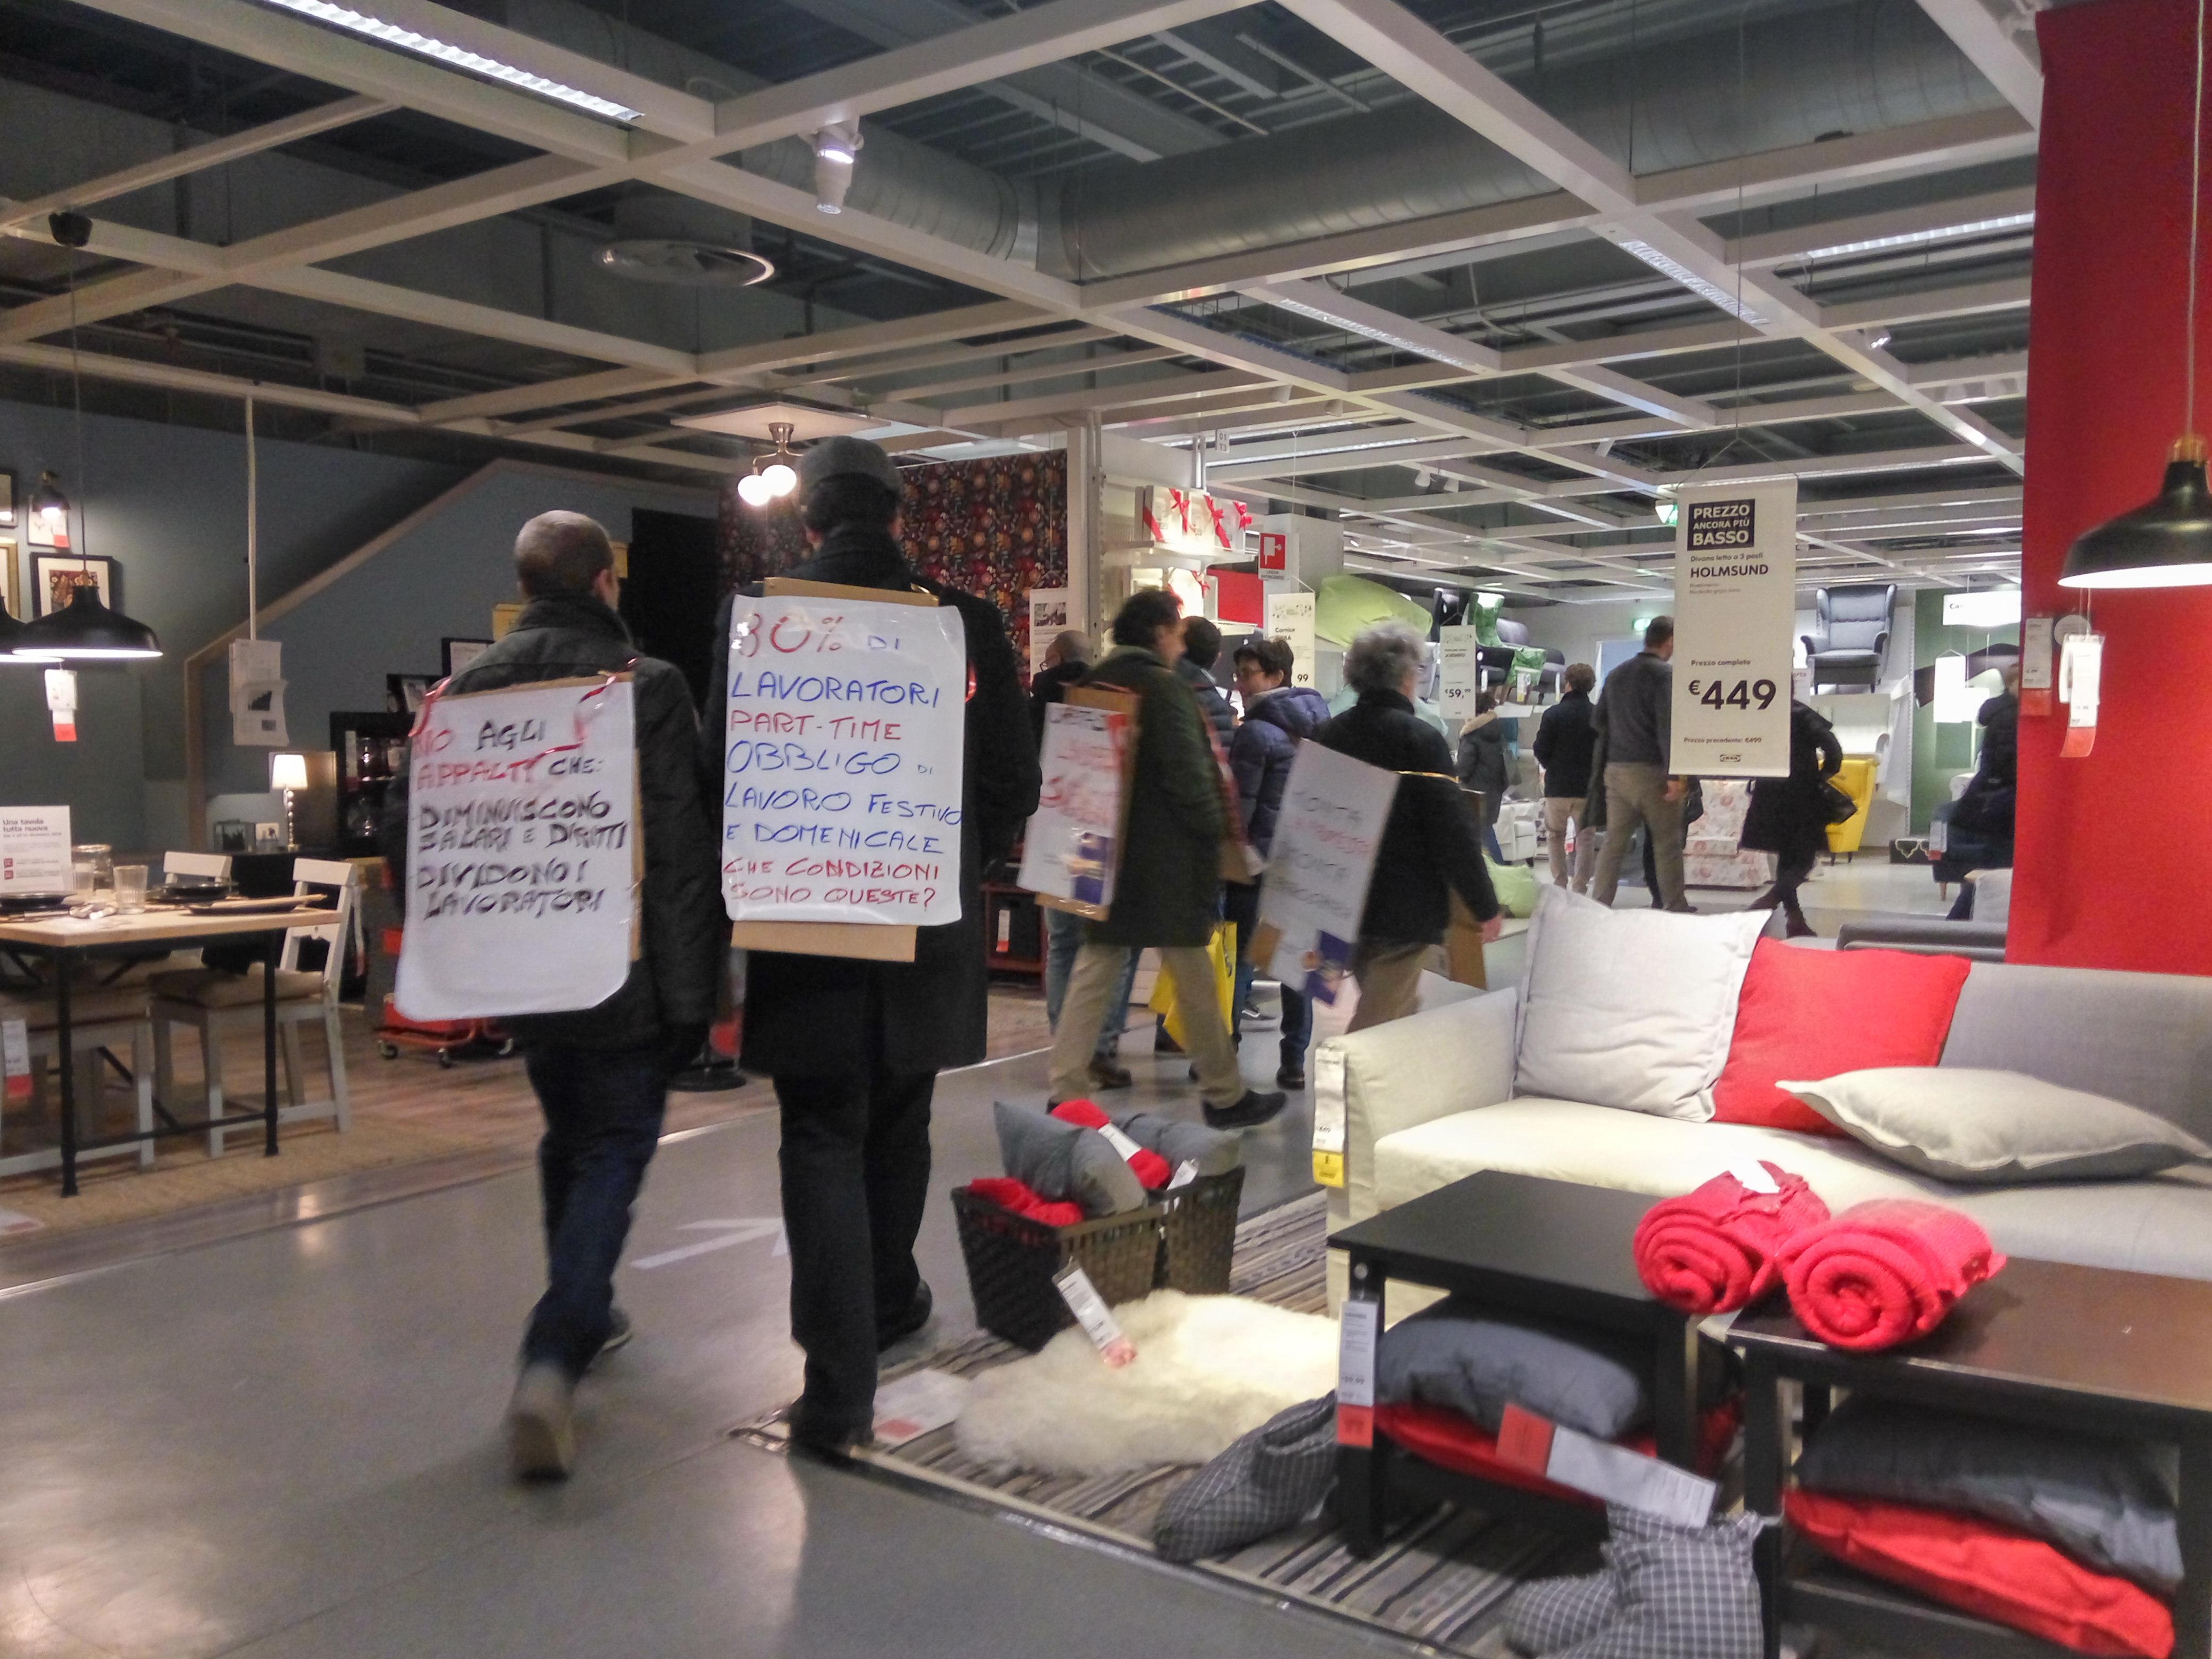 Divano Letto Auchan.Ikea Auchan E Il Massacro Dei Diritti Nella Grande Distribuzione